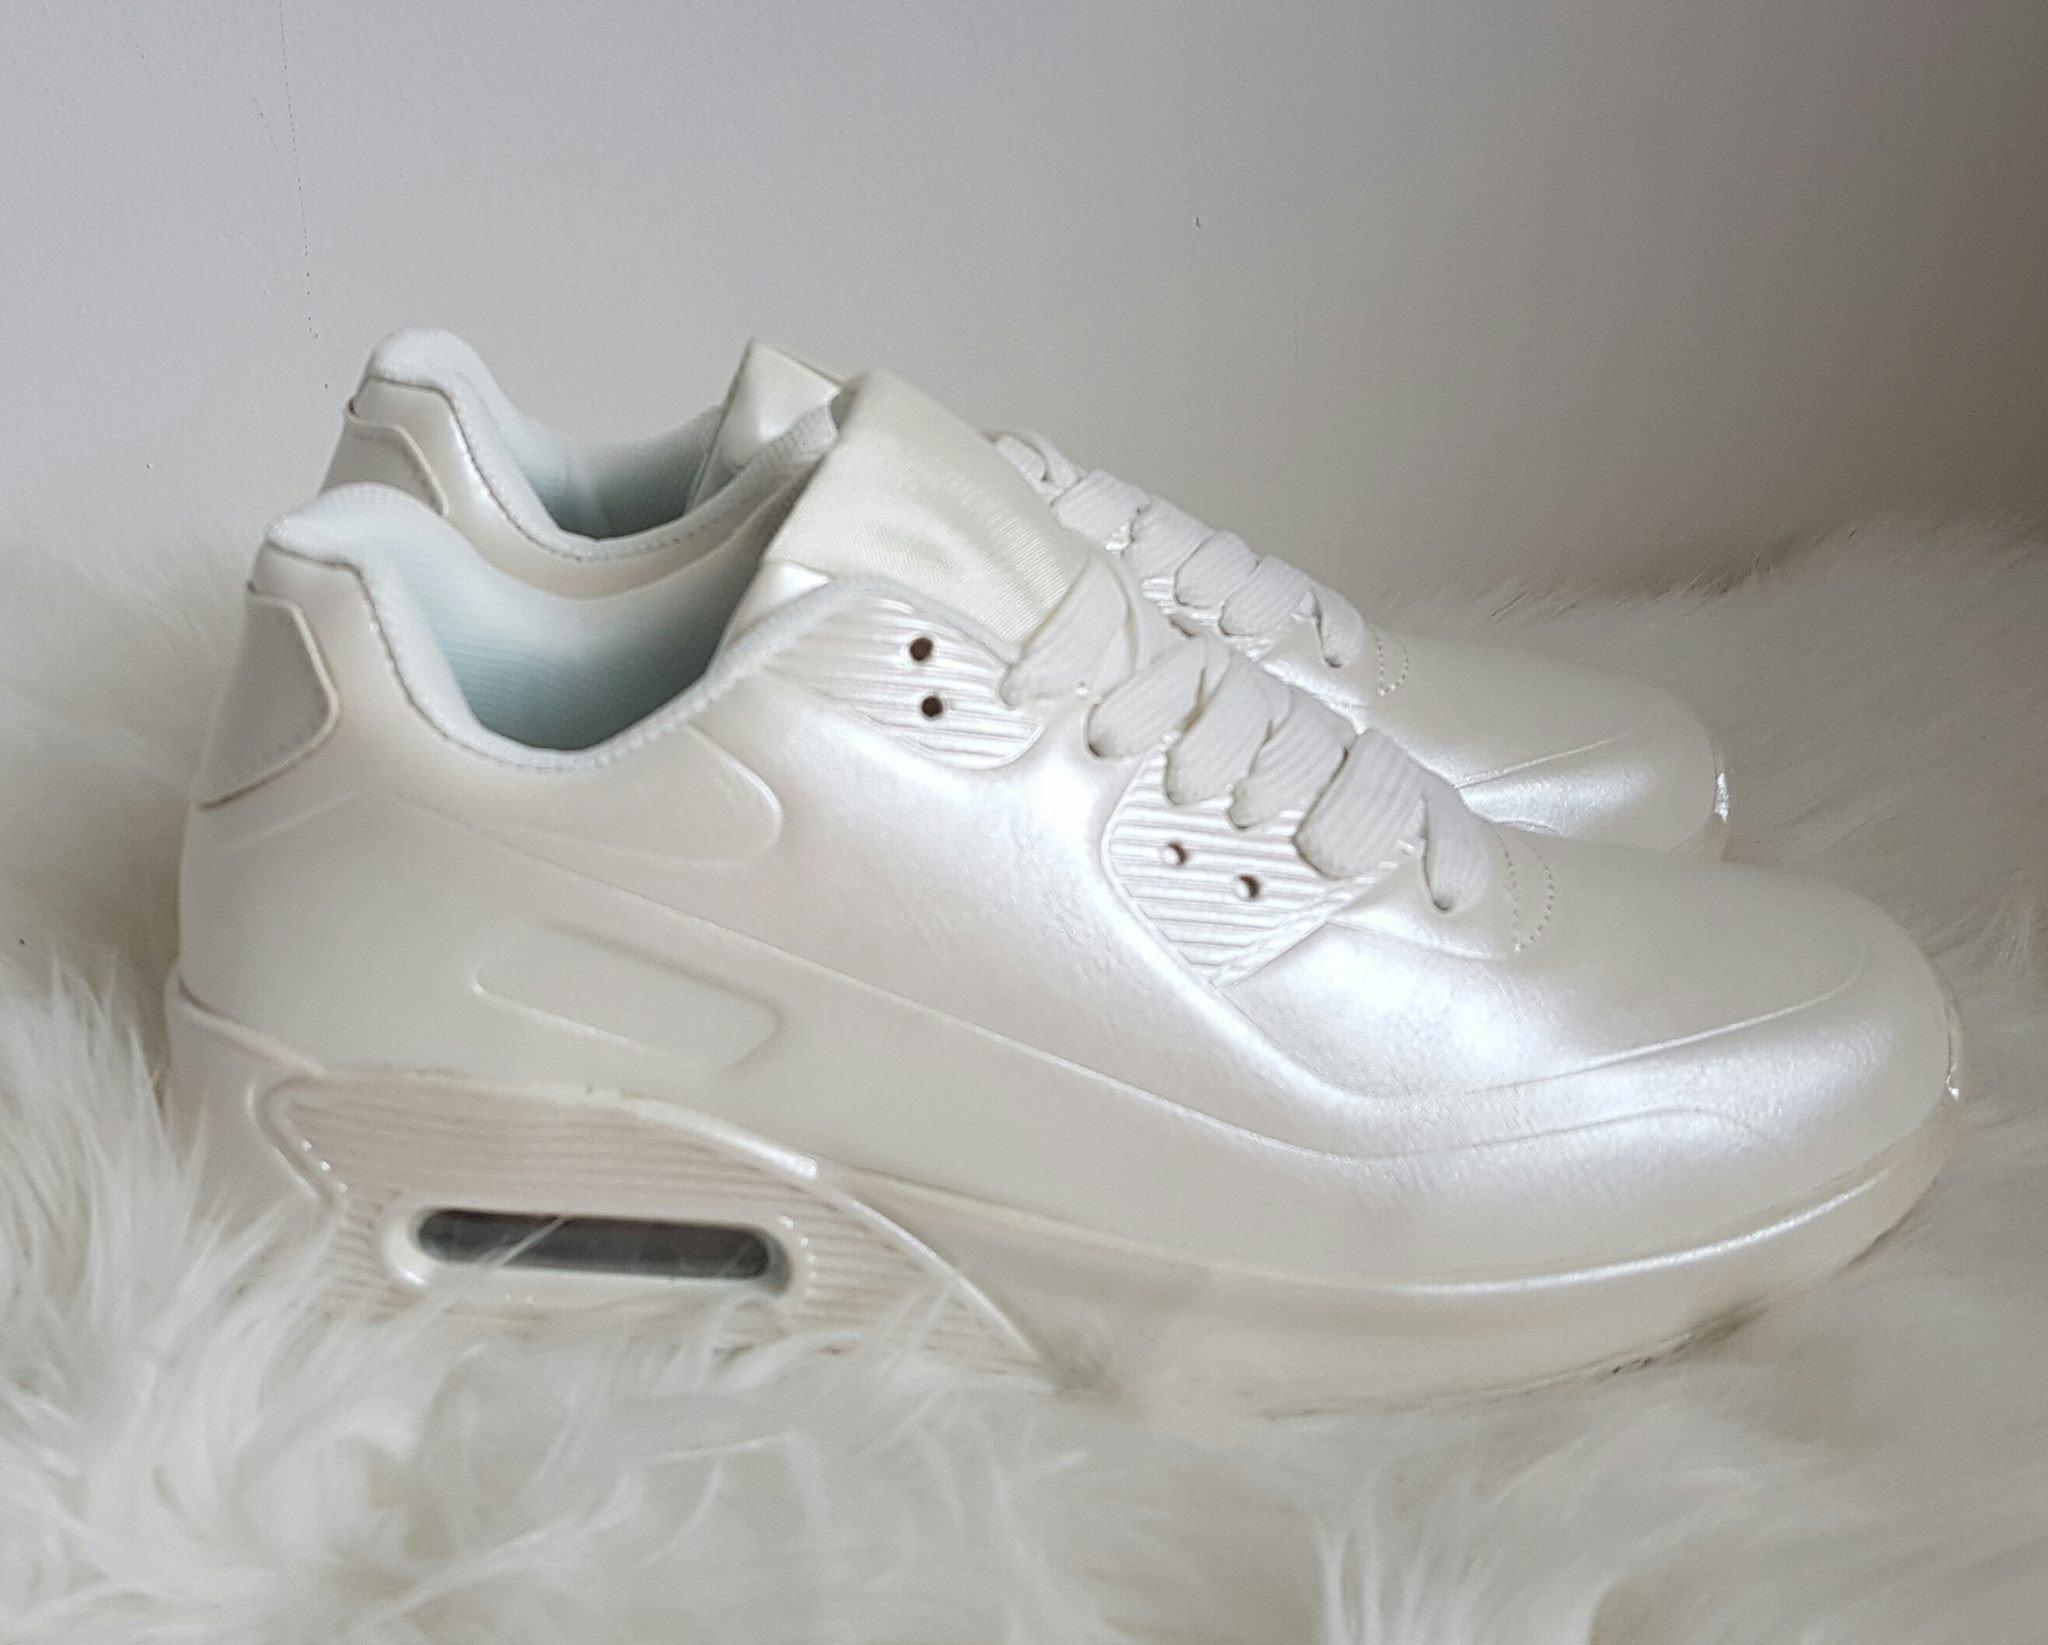 4211c5e1bc botasky v štýle air max perleťovo biele · Kliknite pre zväčšenie obrázku